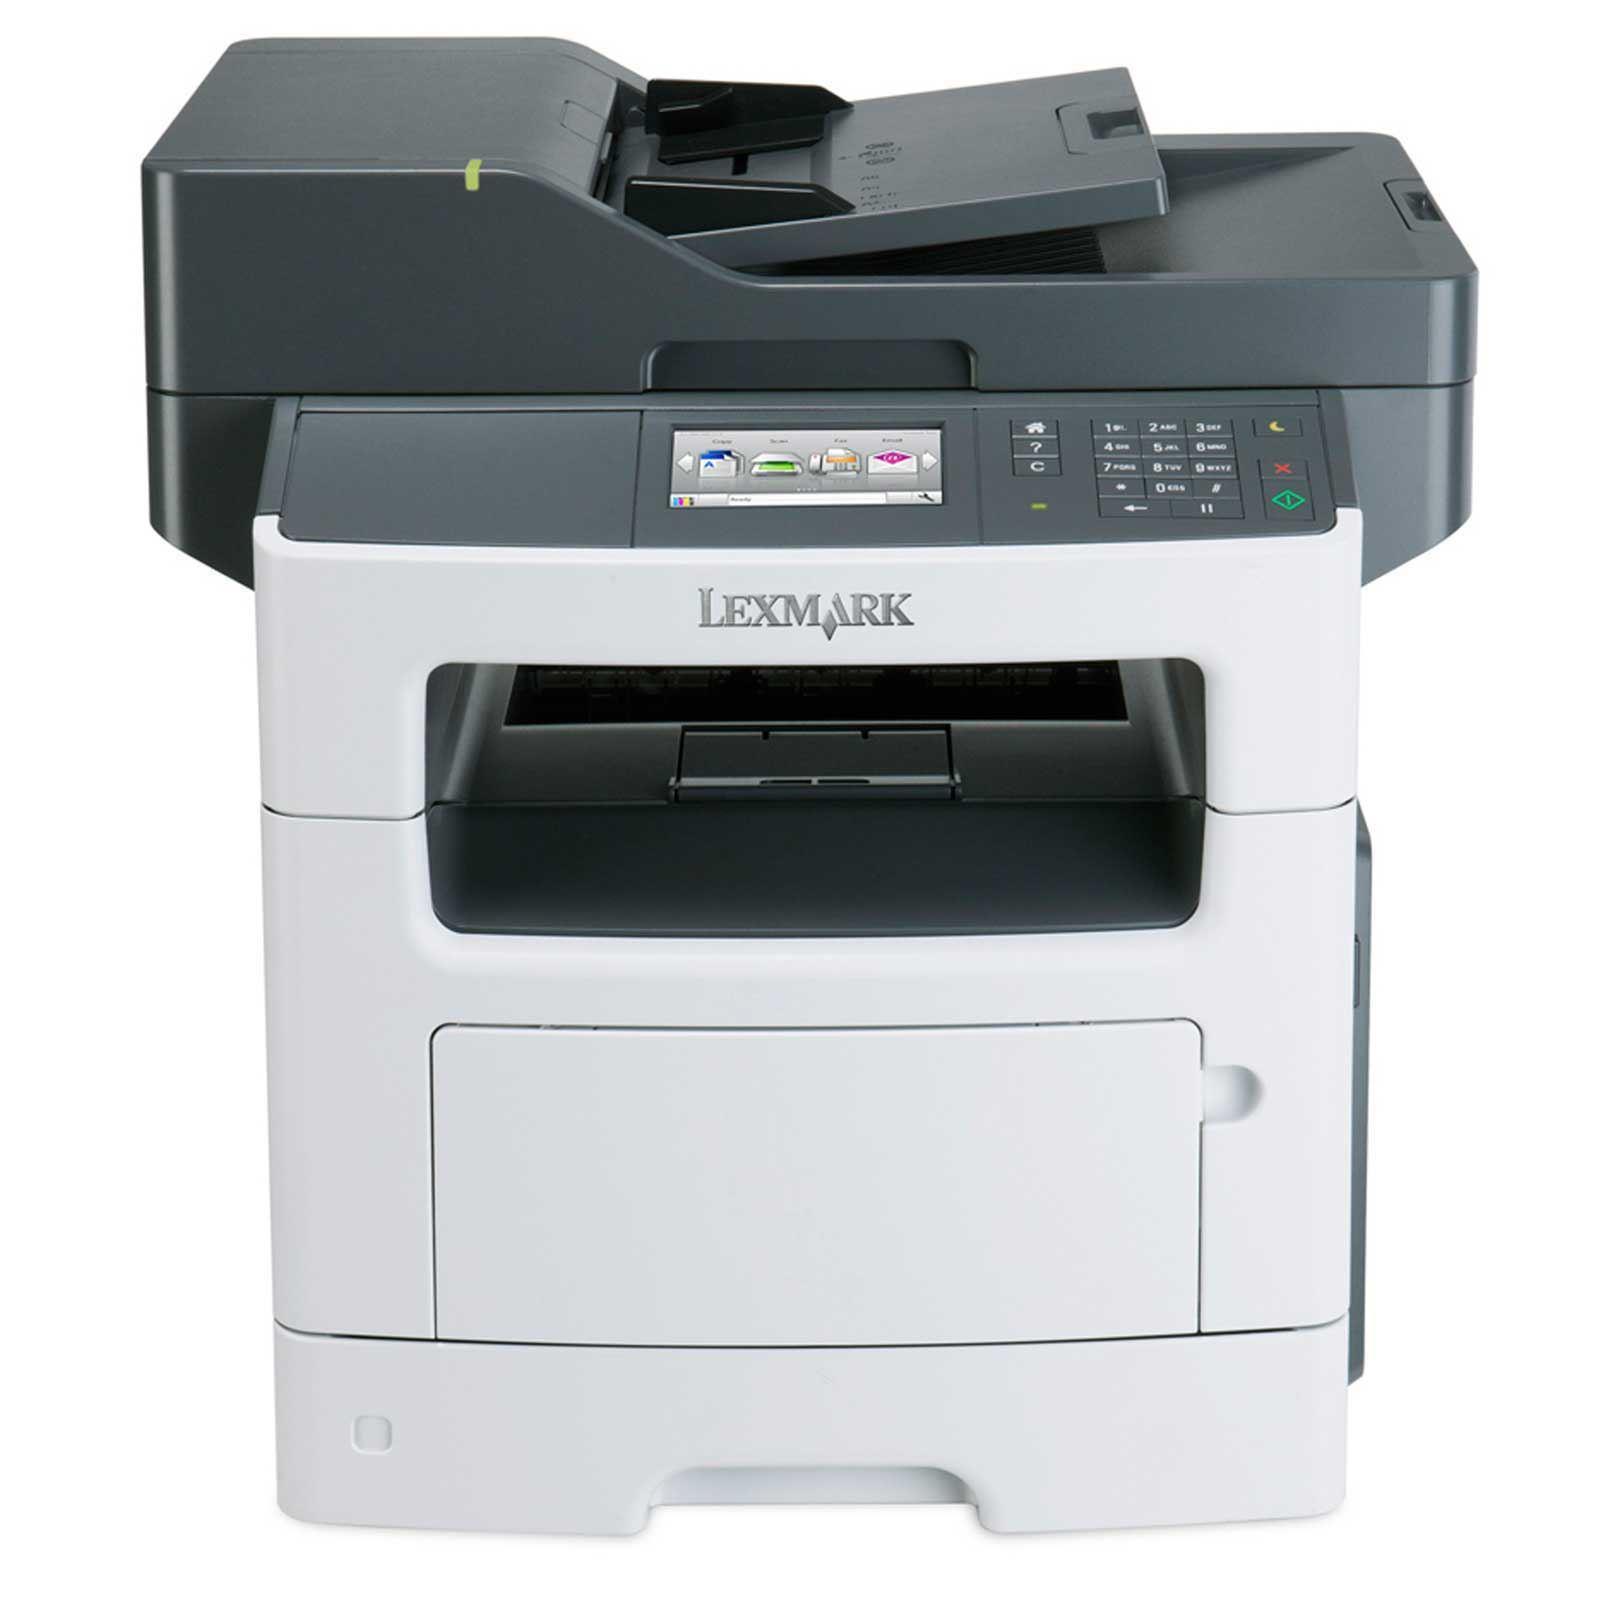 LEXMARK tiskárna MX511dhe MFP multifunkční A4 MONOCHROM LASER, 512MB, 32ppm USB/LAN, duplex, dotykový LCD, HDD